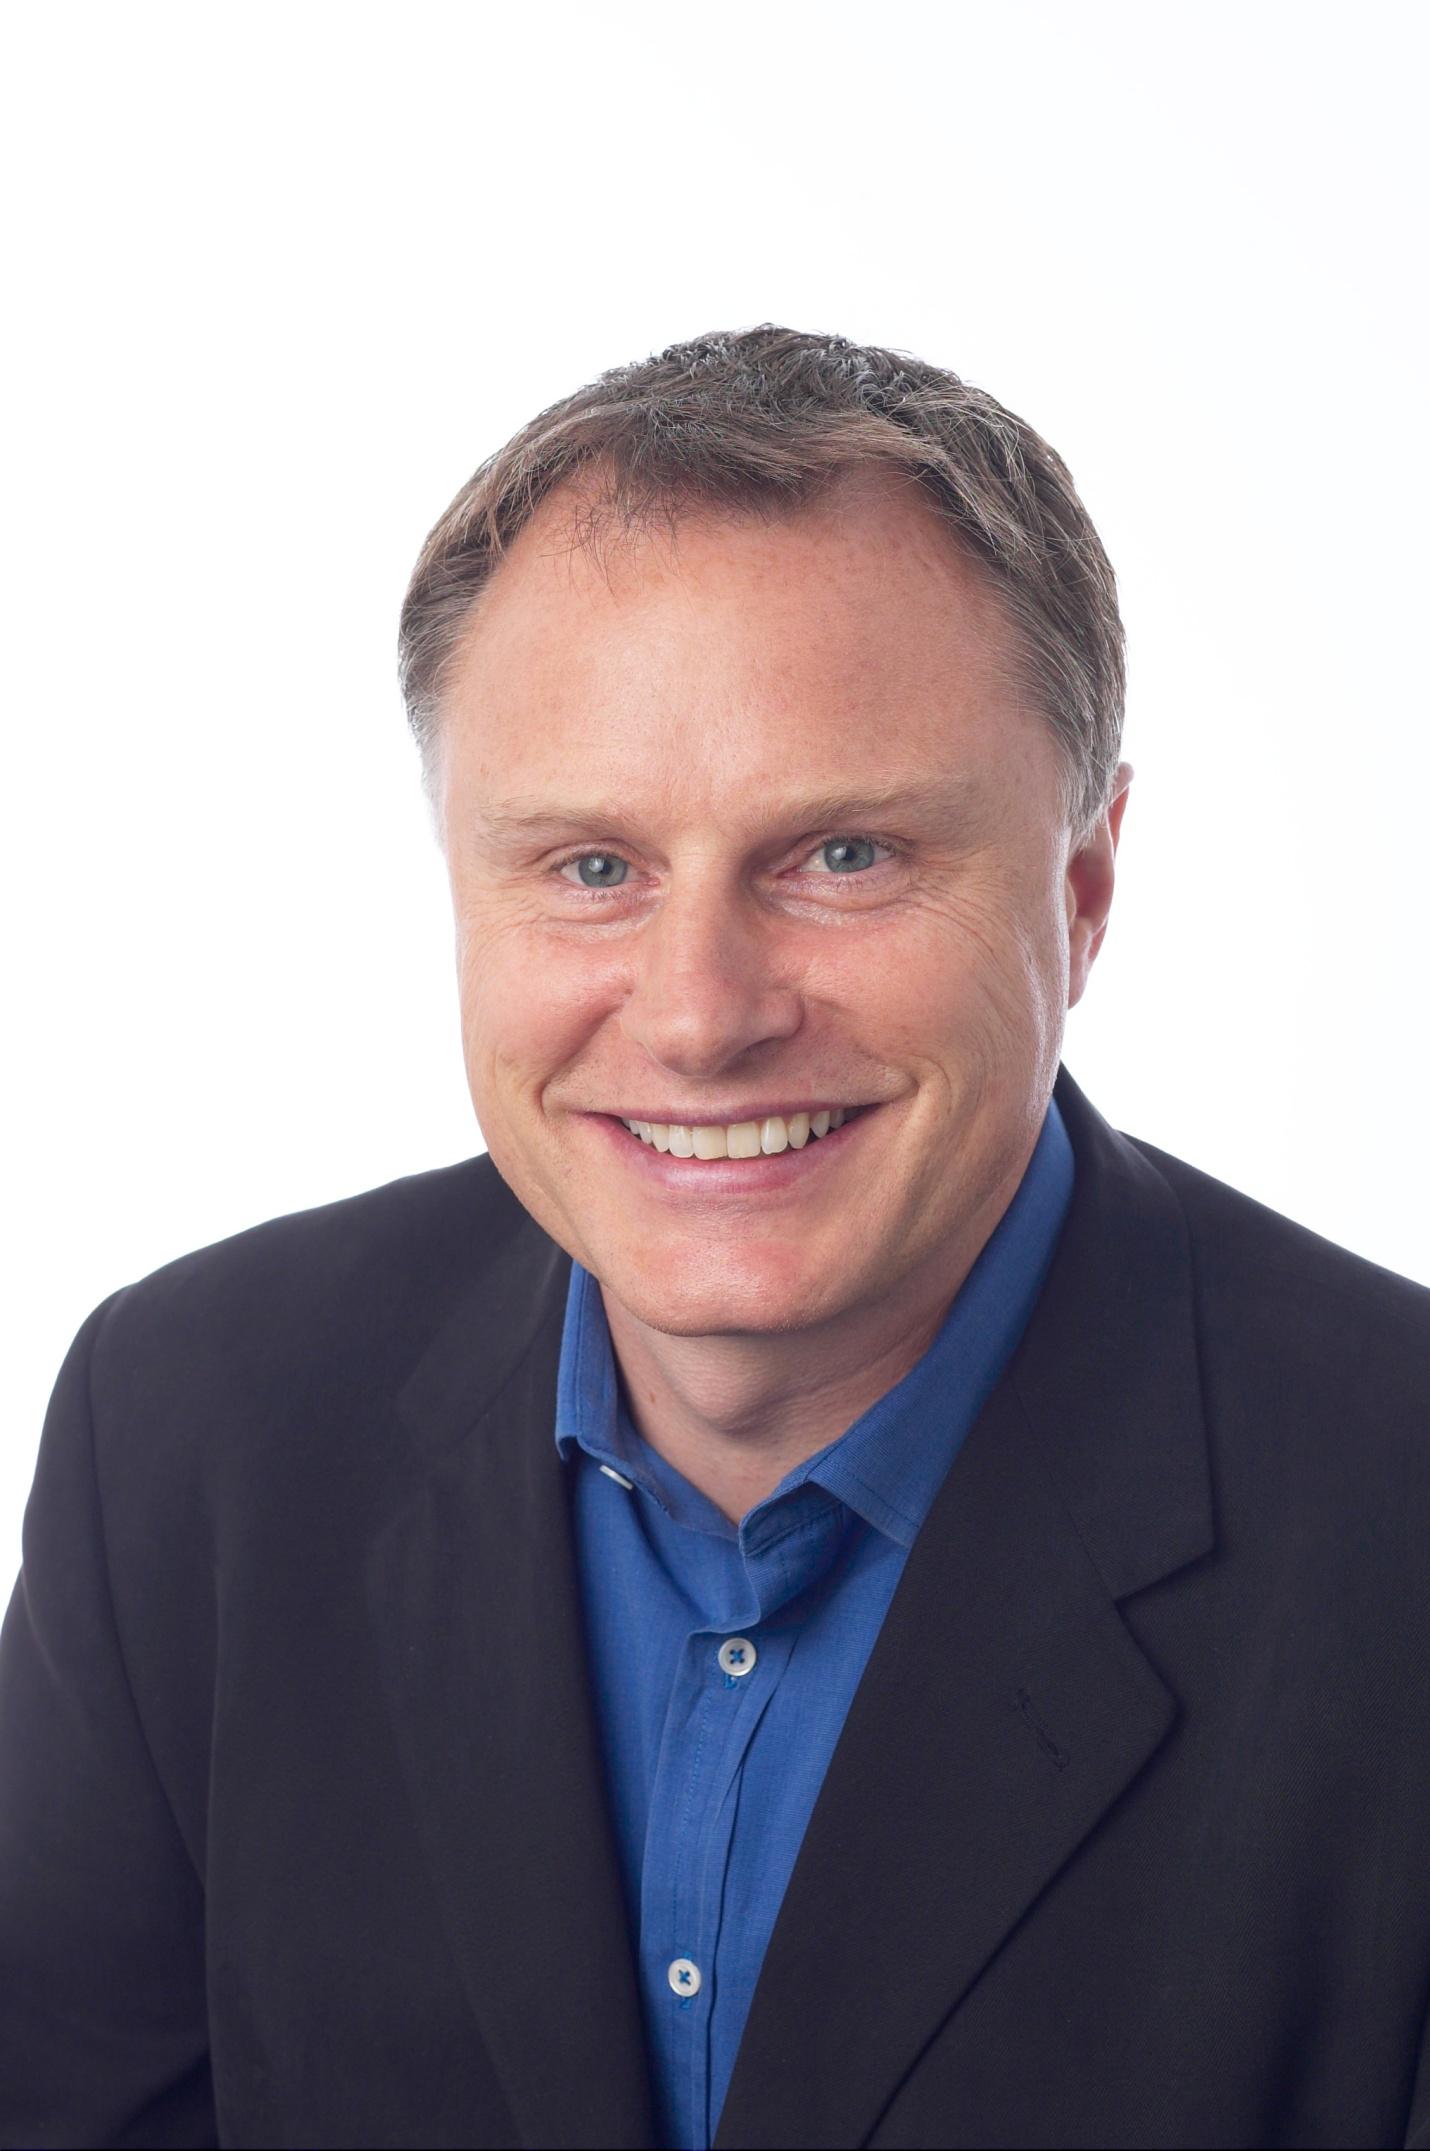 John Hartnett, fundador y consejero delegado de SVG Partners